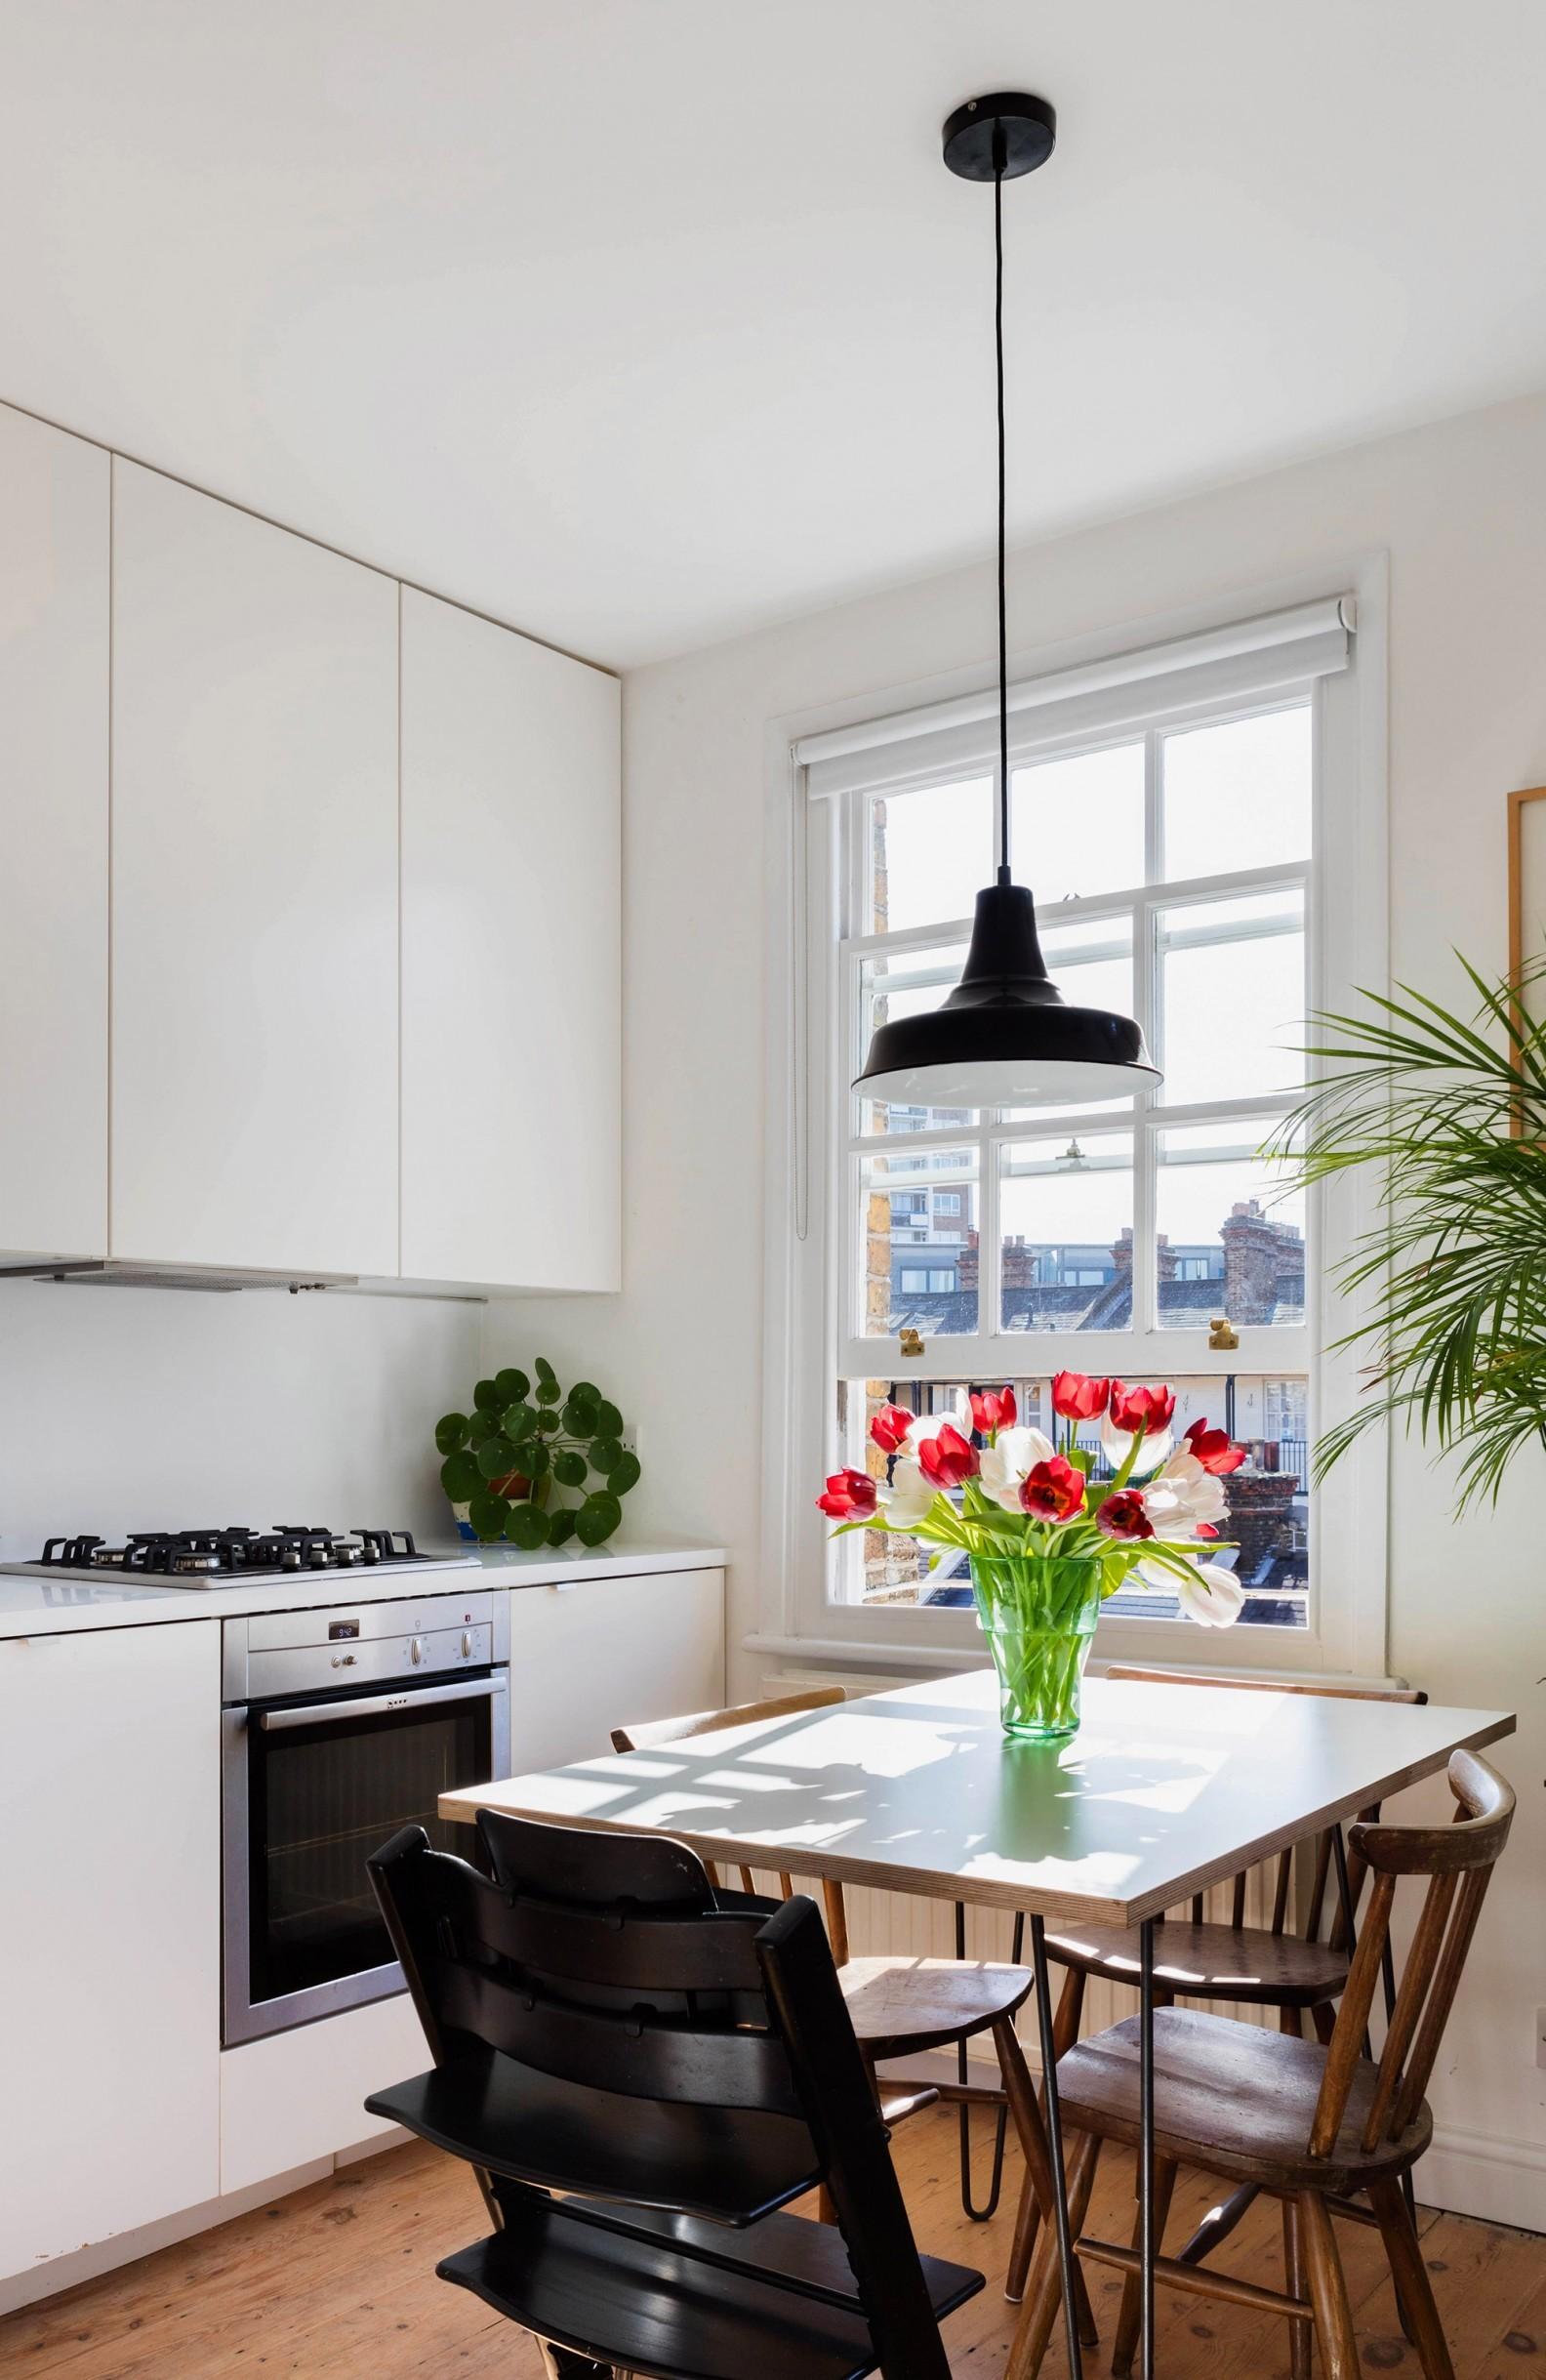 tsveten-i-funktsionalen-interior-za-malak-semeen-apartament-45-m-6g